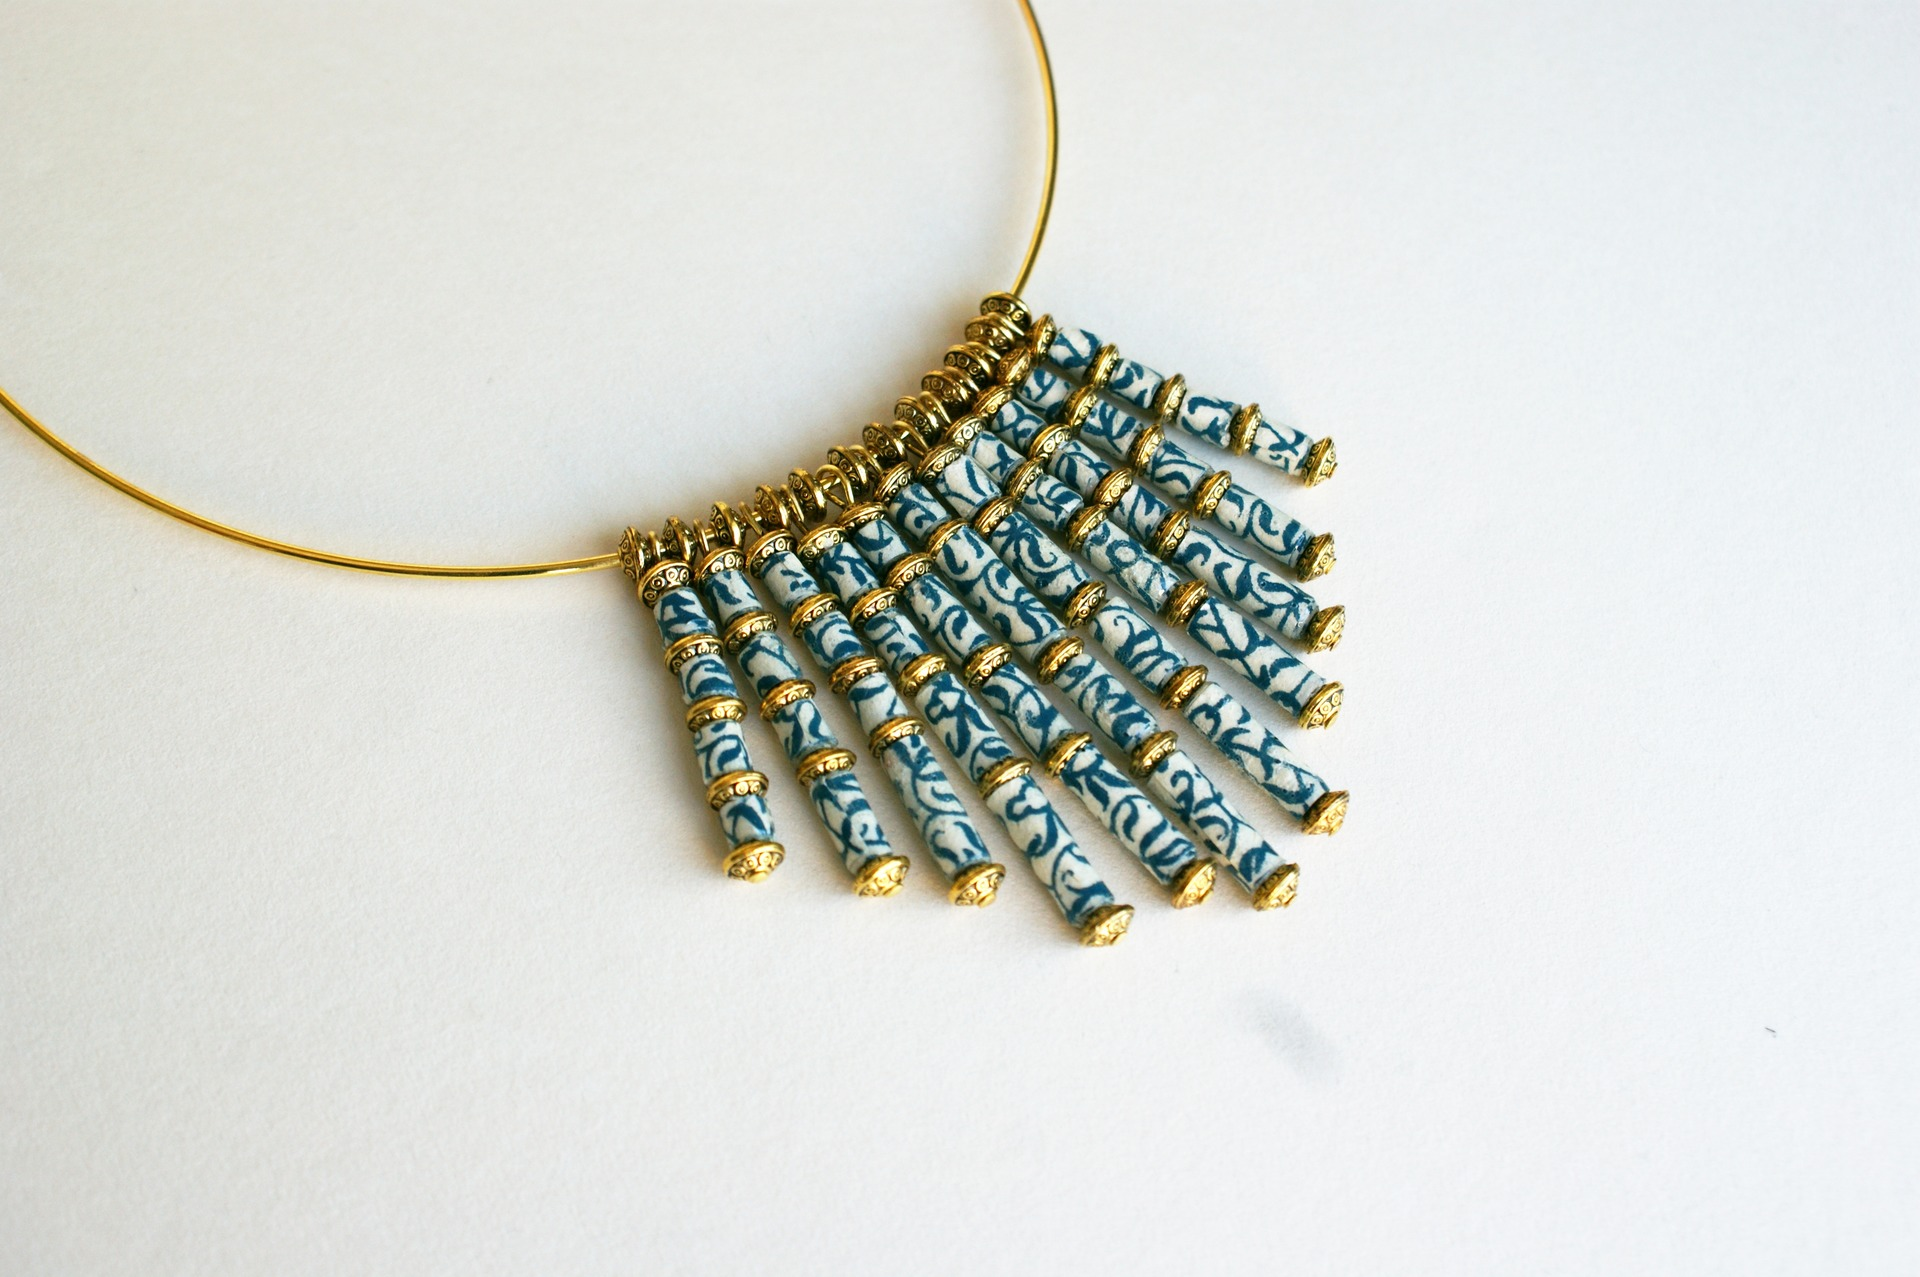 collier-elegant-collier-porcelaine-en-pe-14871445-dsc02956-jpg-3664bd-5b90e_big